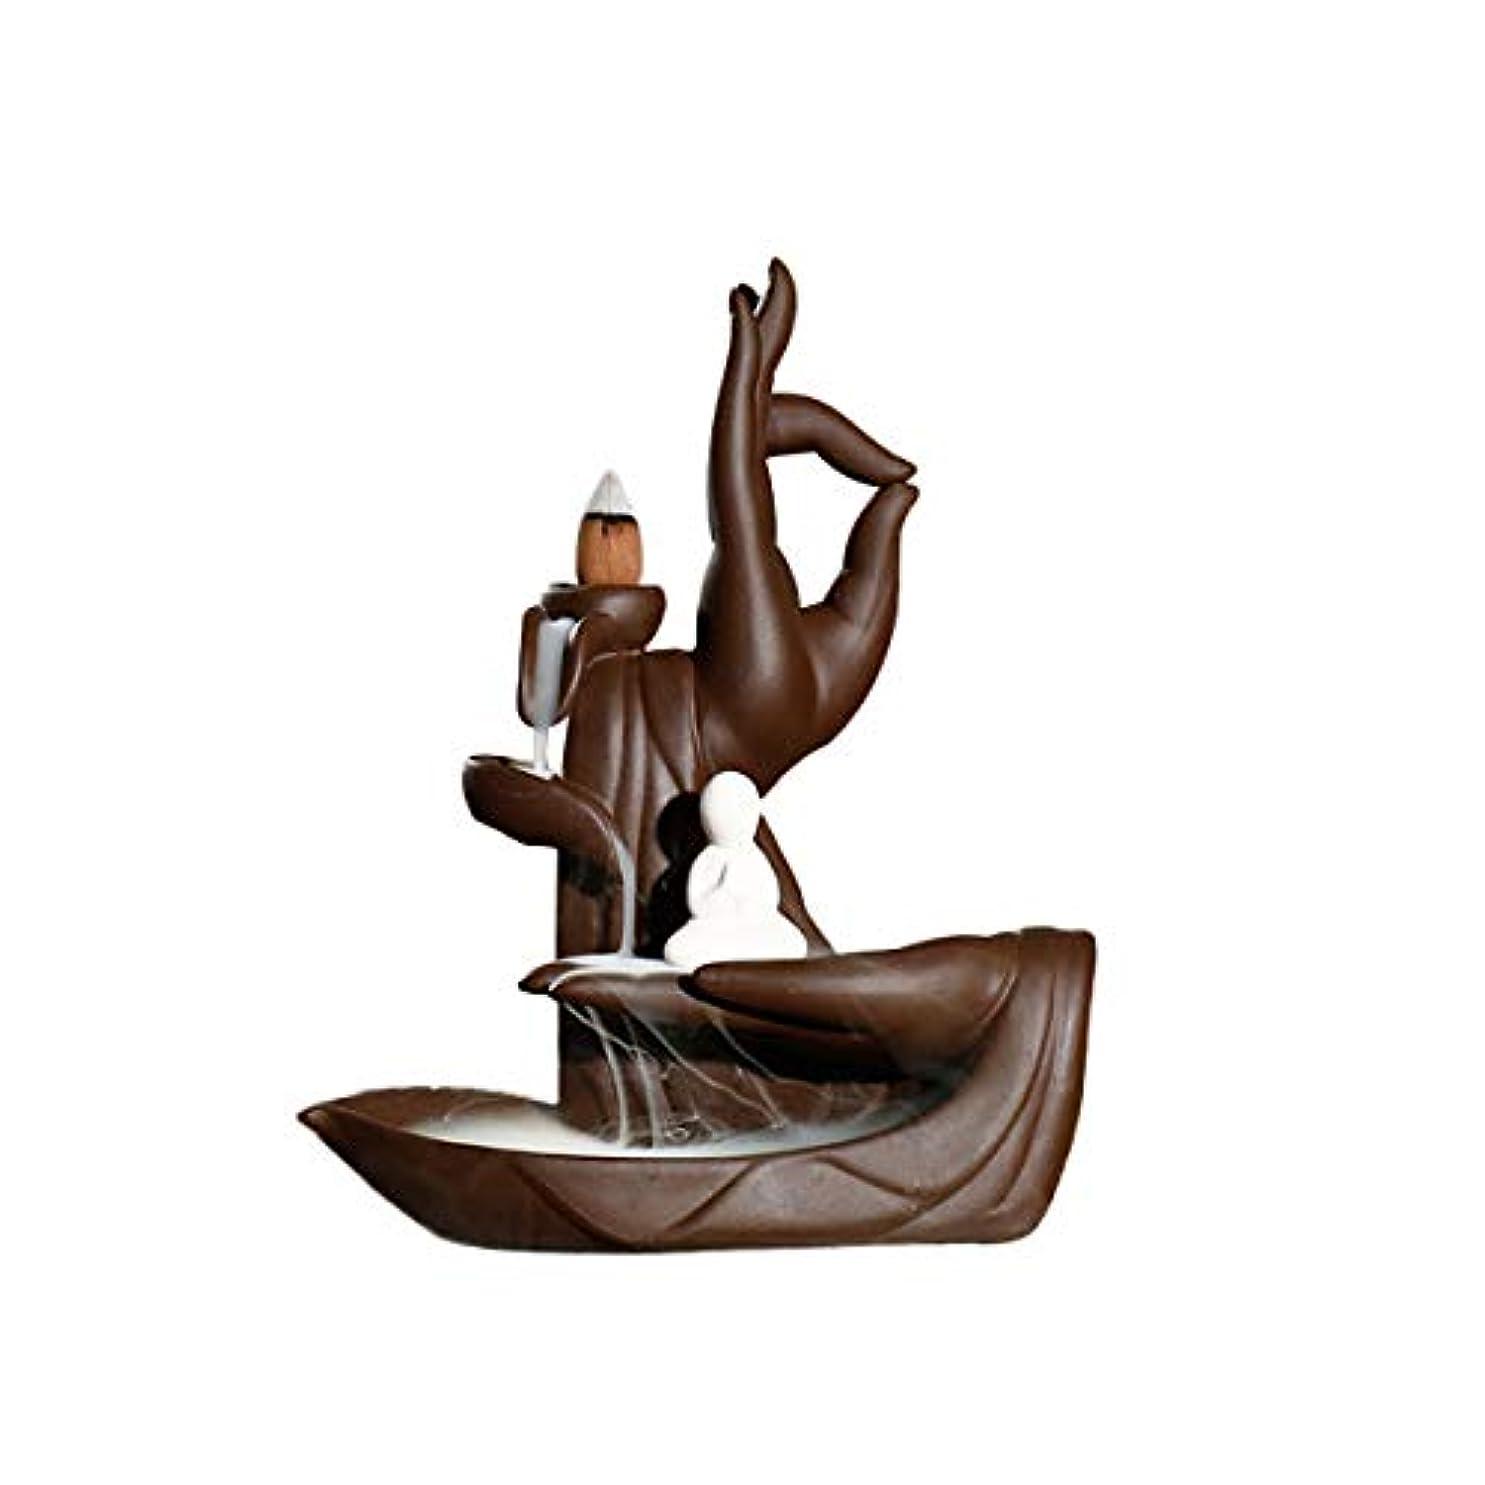 日付付き木製カトリック教徒LIOOBO 逆流香バーナー逆転ベルガモット観音仏セラミック釉香スモークコーンバーナー逆流香炉タワーホルダー禅ガーデンテーブルの装飾